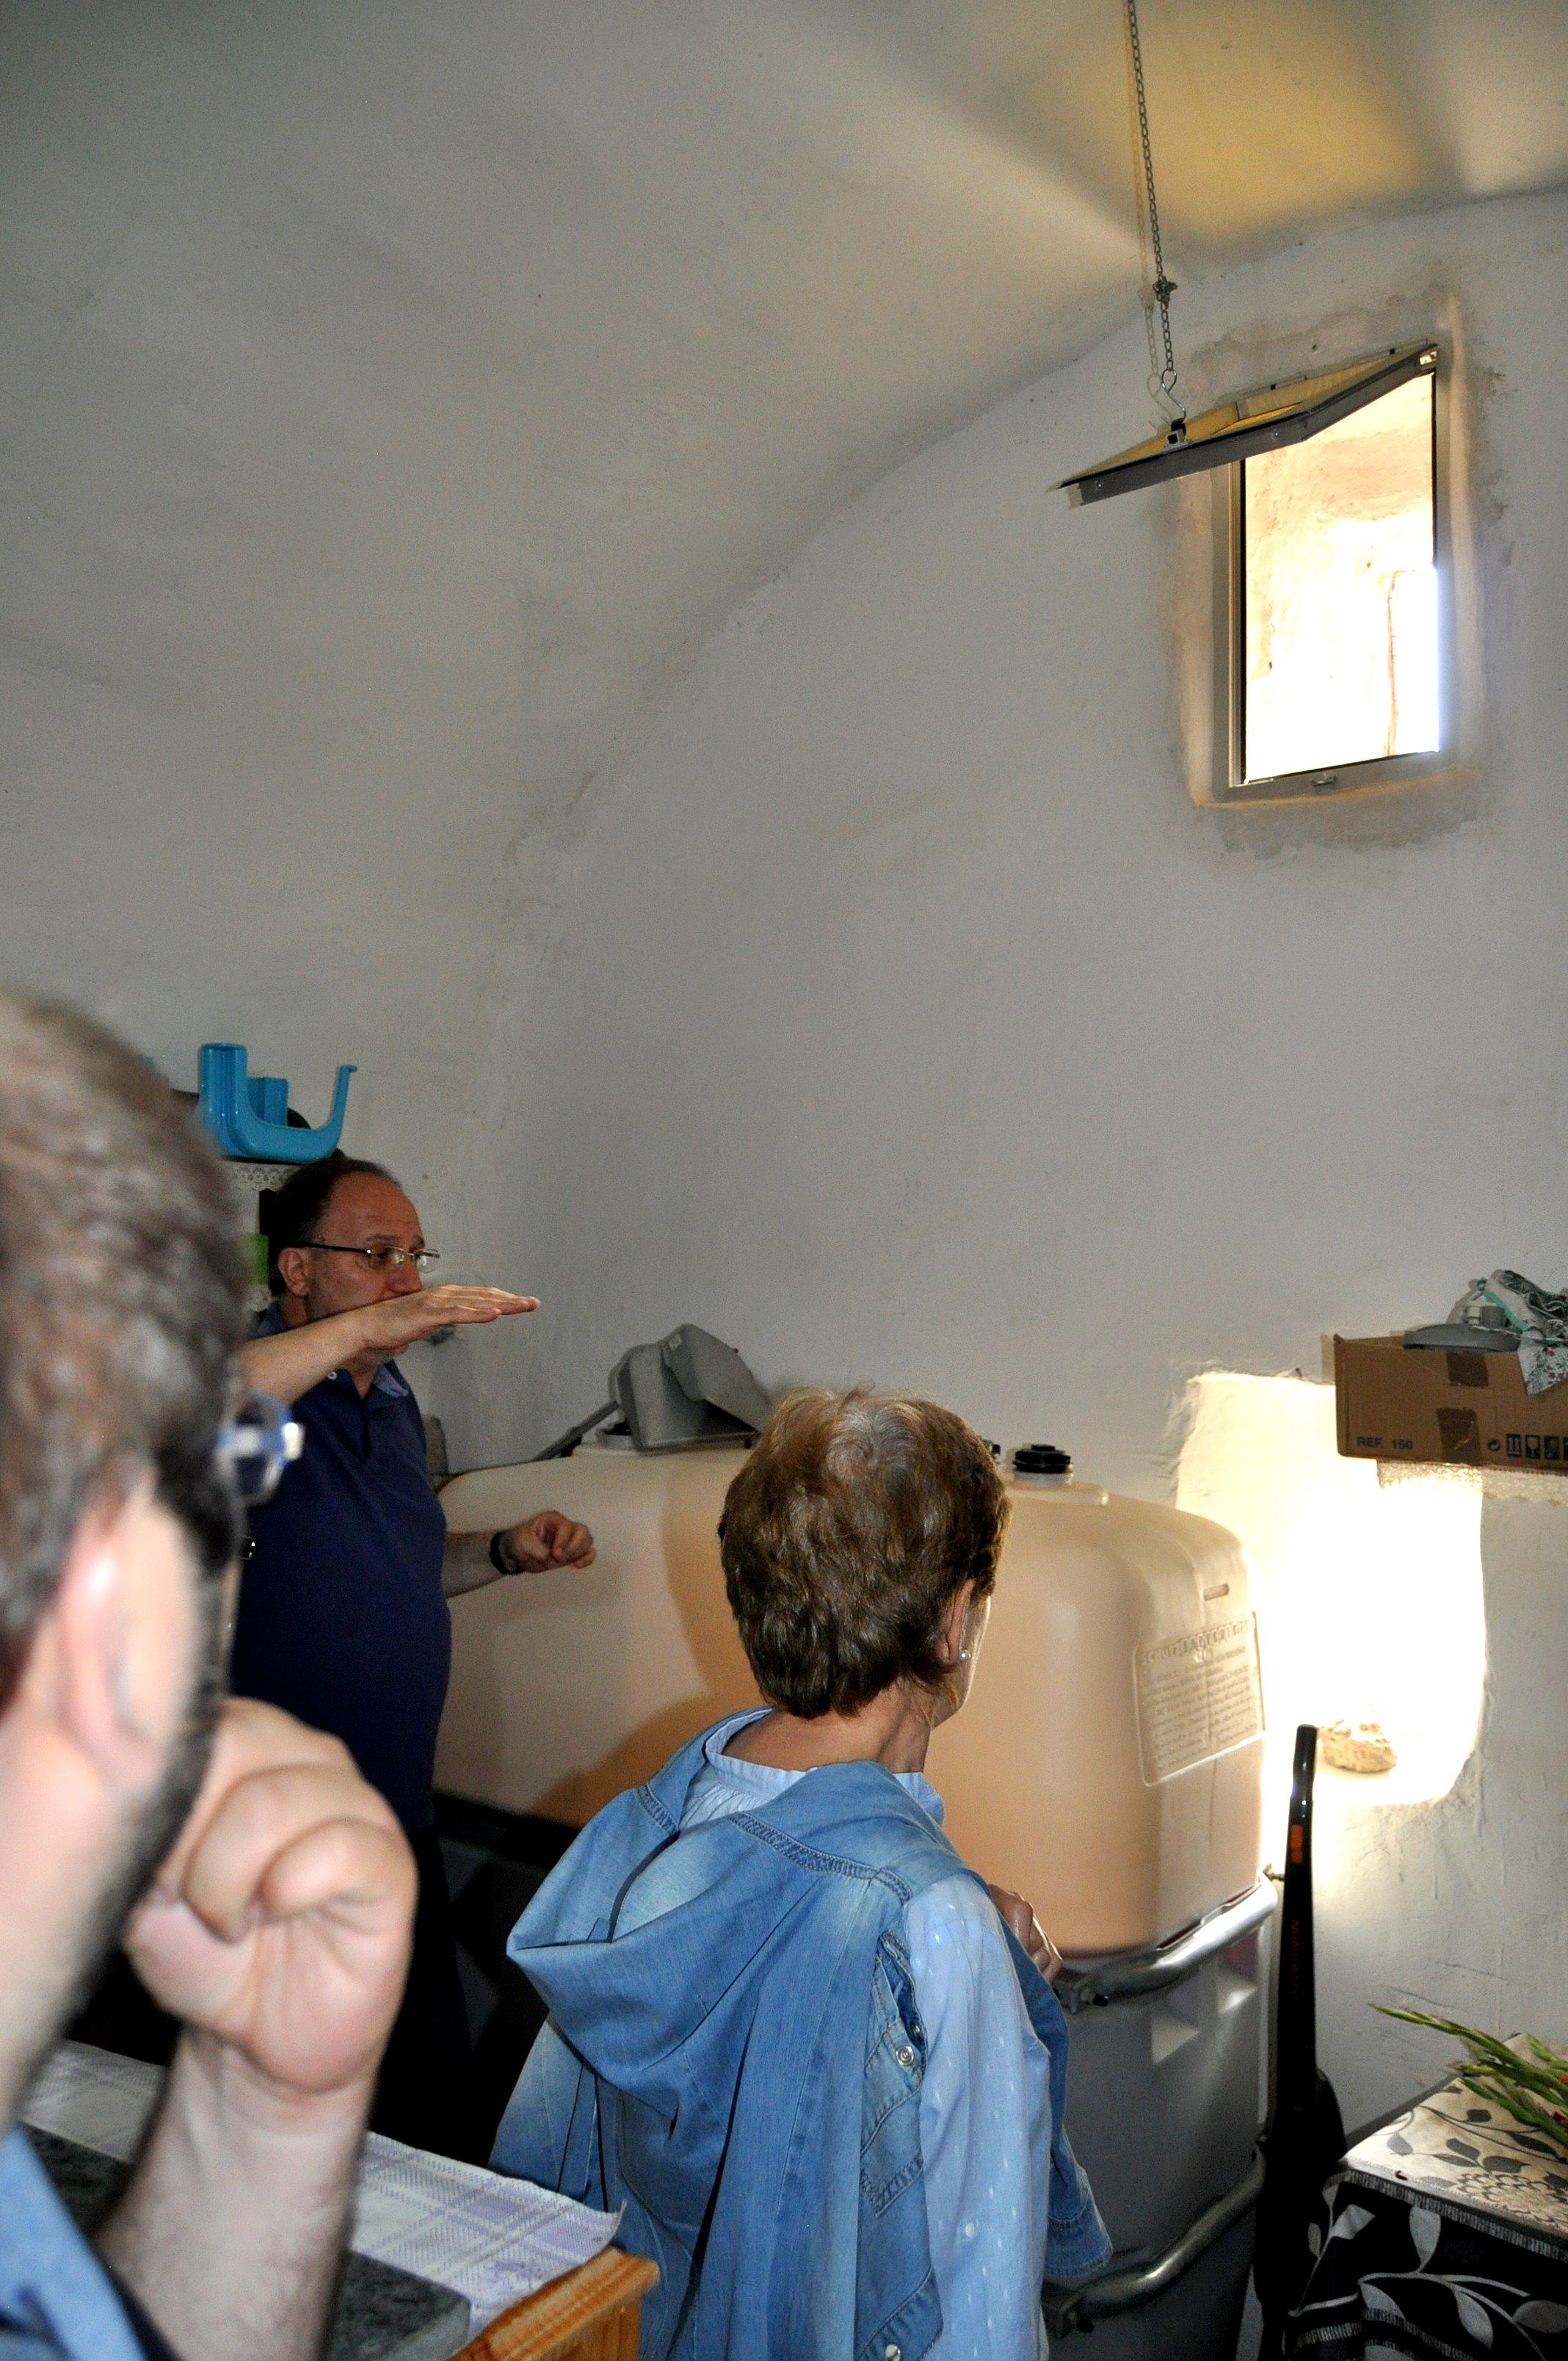 Javier-Callado-explica-el-ábside-prerrománico-oculto-en-la-iglesia-de-Jiménez-de-Jamuz.